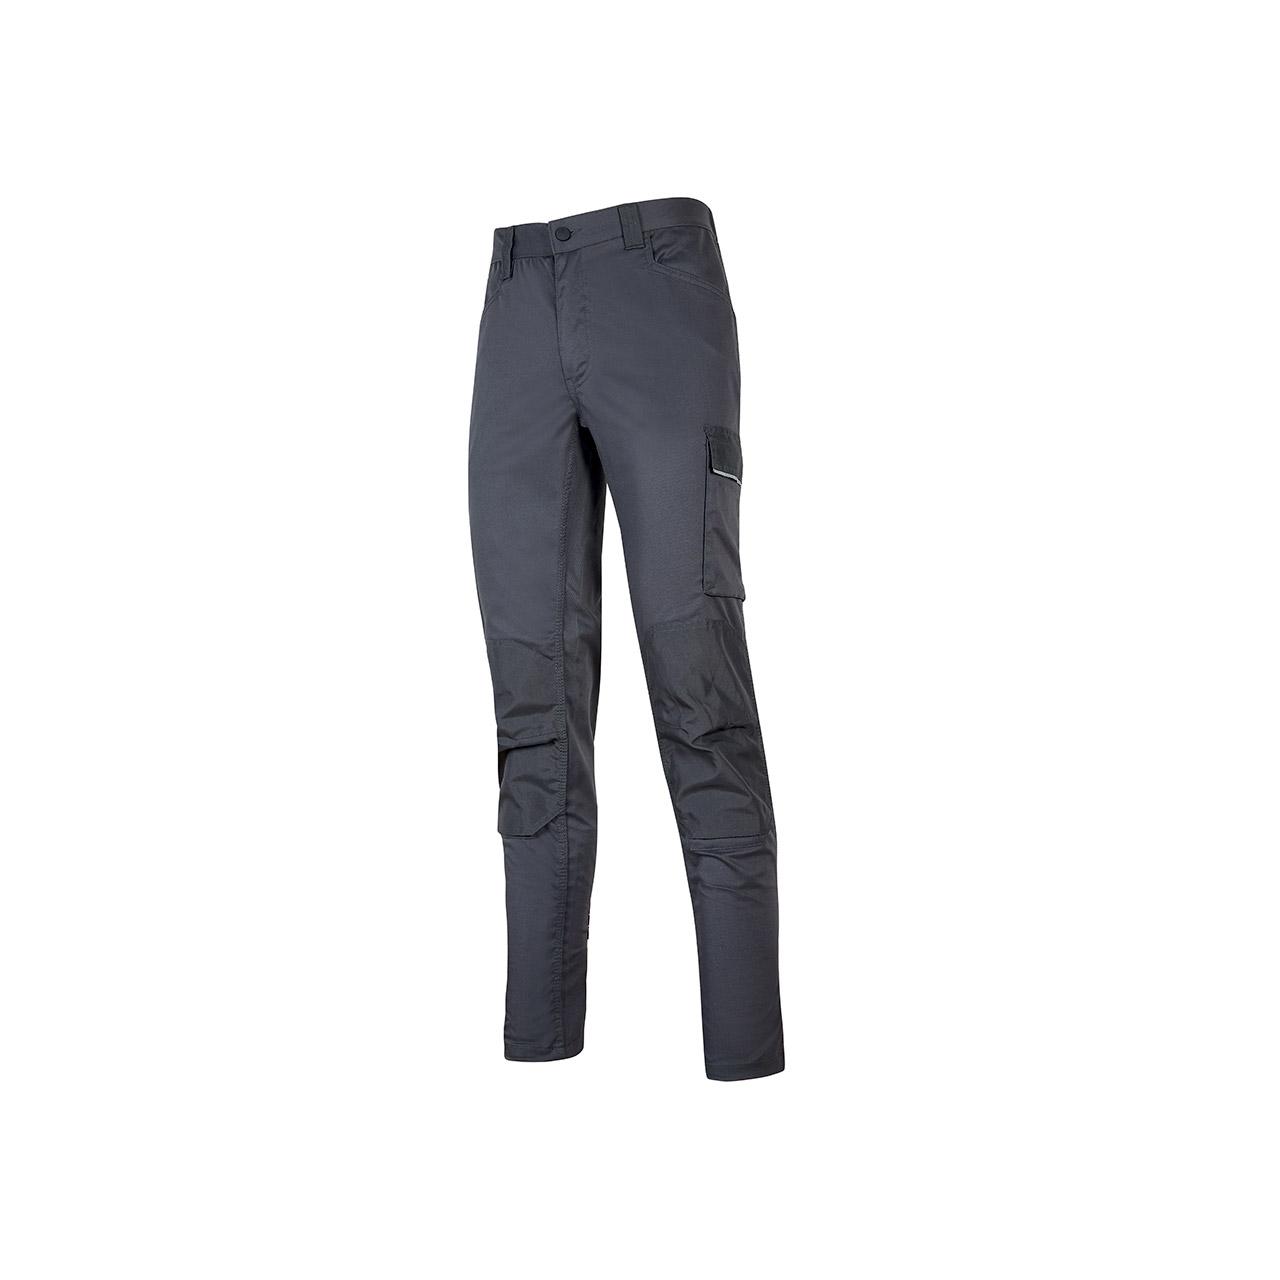 pantalone da lavoro upower modello meek colore grey iron